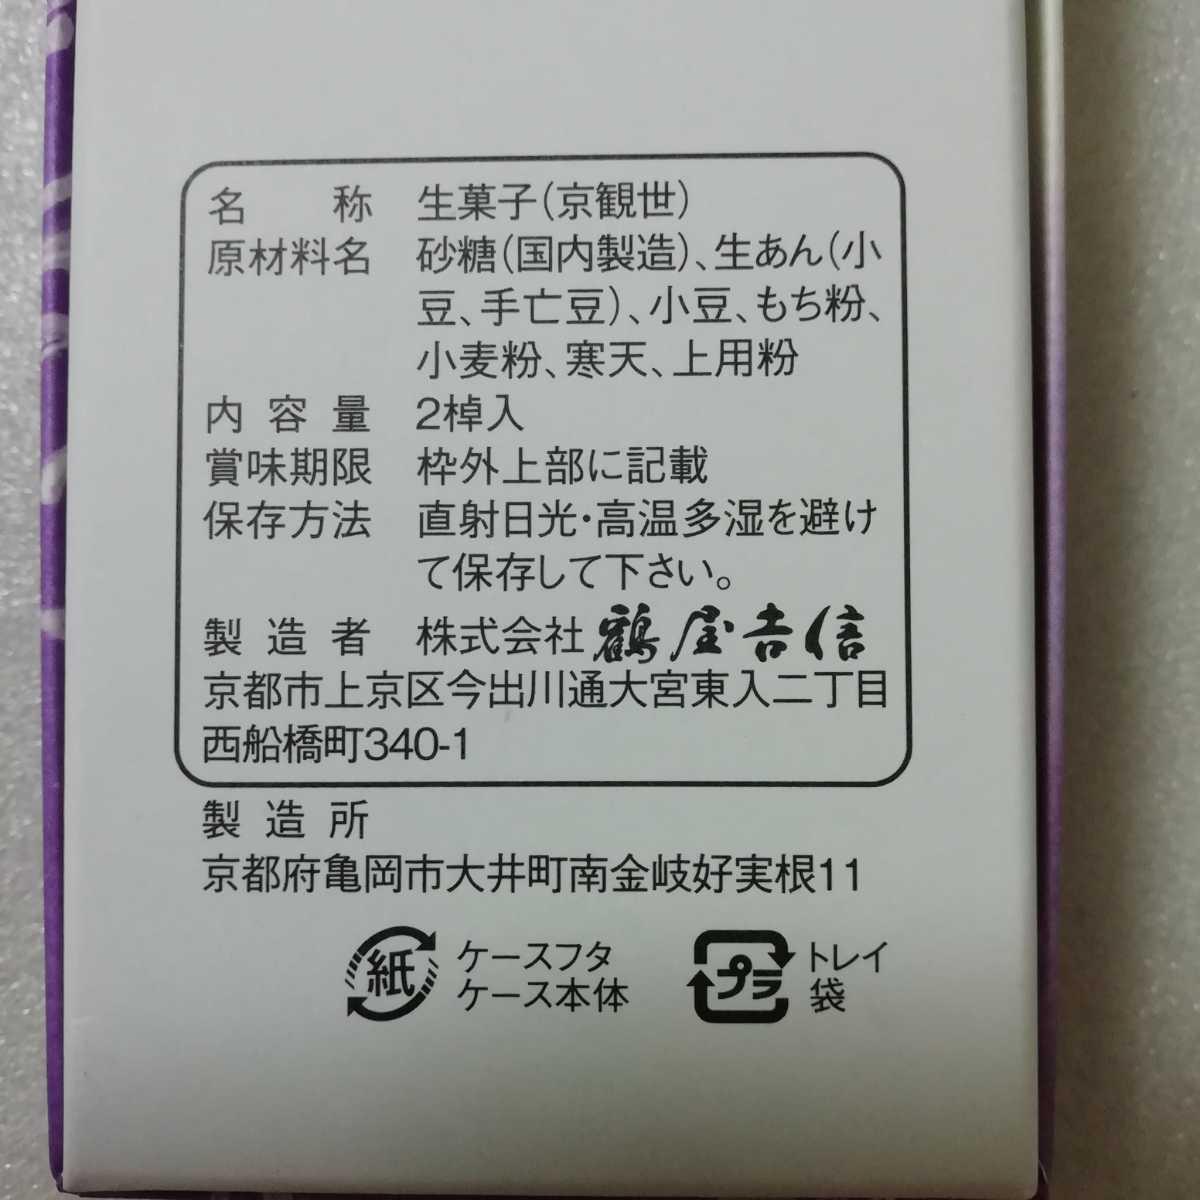 とらや 鶴屋吉信 夜の梅 京観世 和菓子 羊羹 ようかん 和菓子_画像2